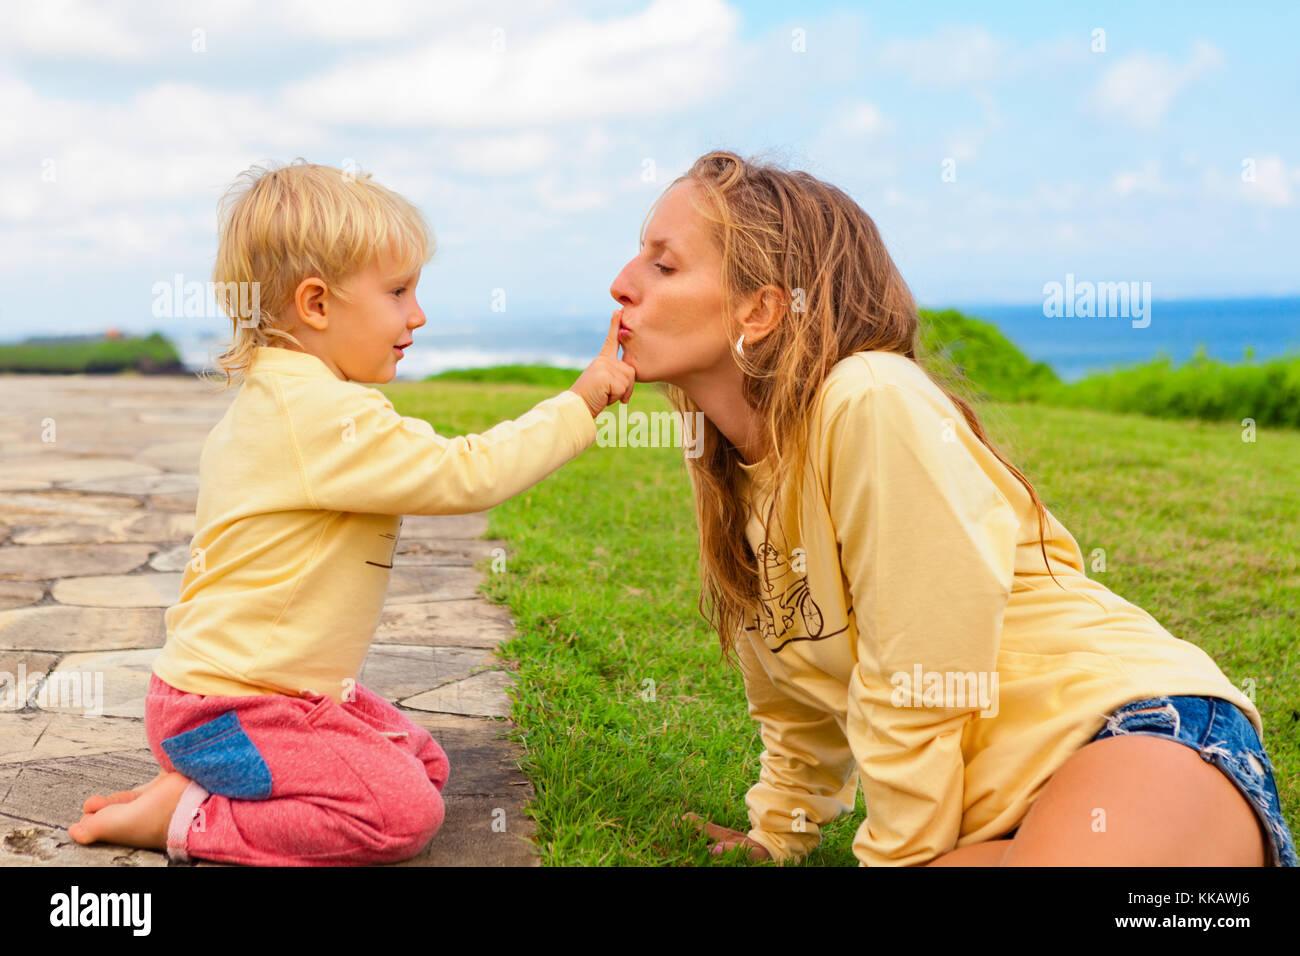 Familia feliz fuera andando. hijo sentado sobre el verde césped divertirse. joven atractiva madre hijo beso Imagen De Stock